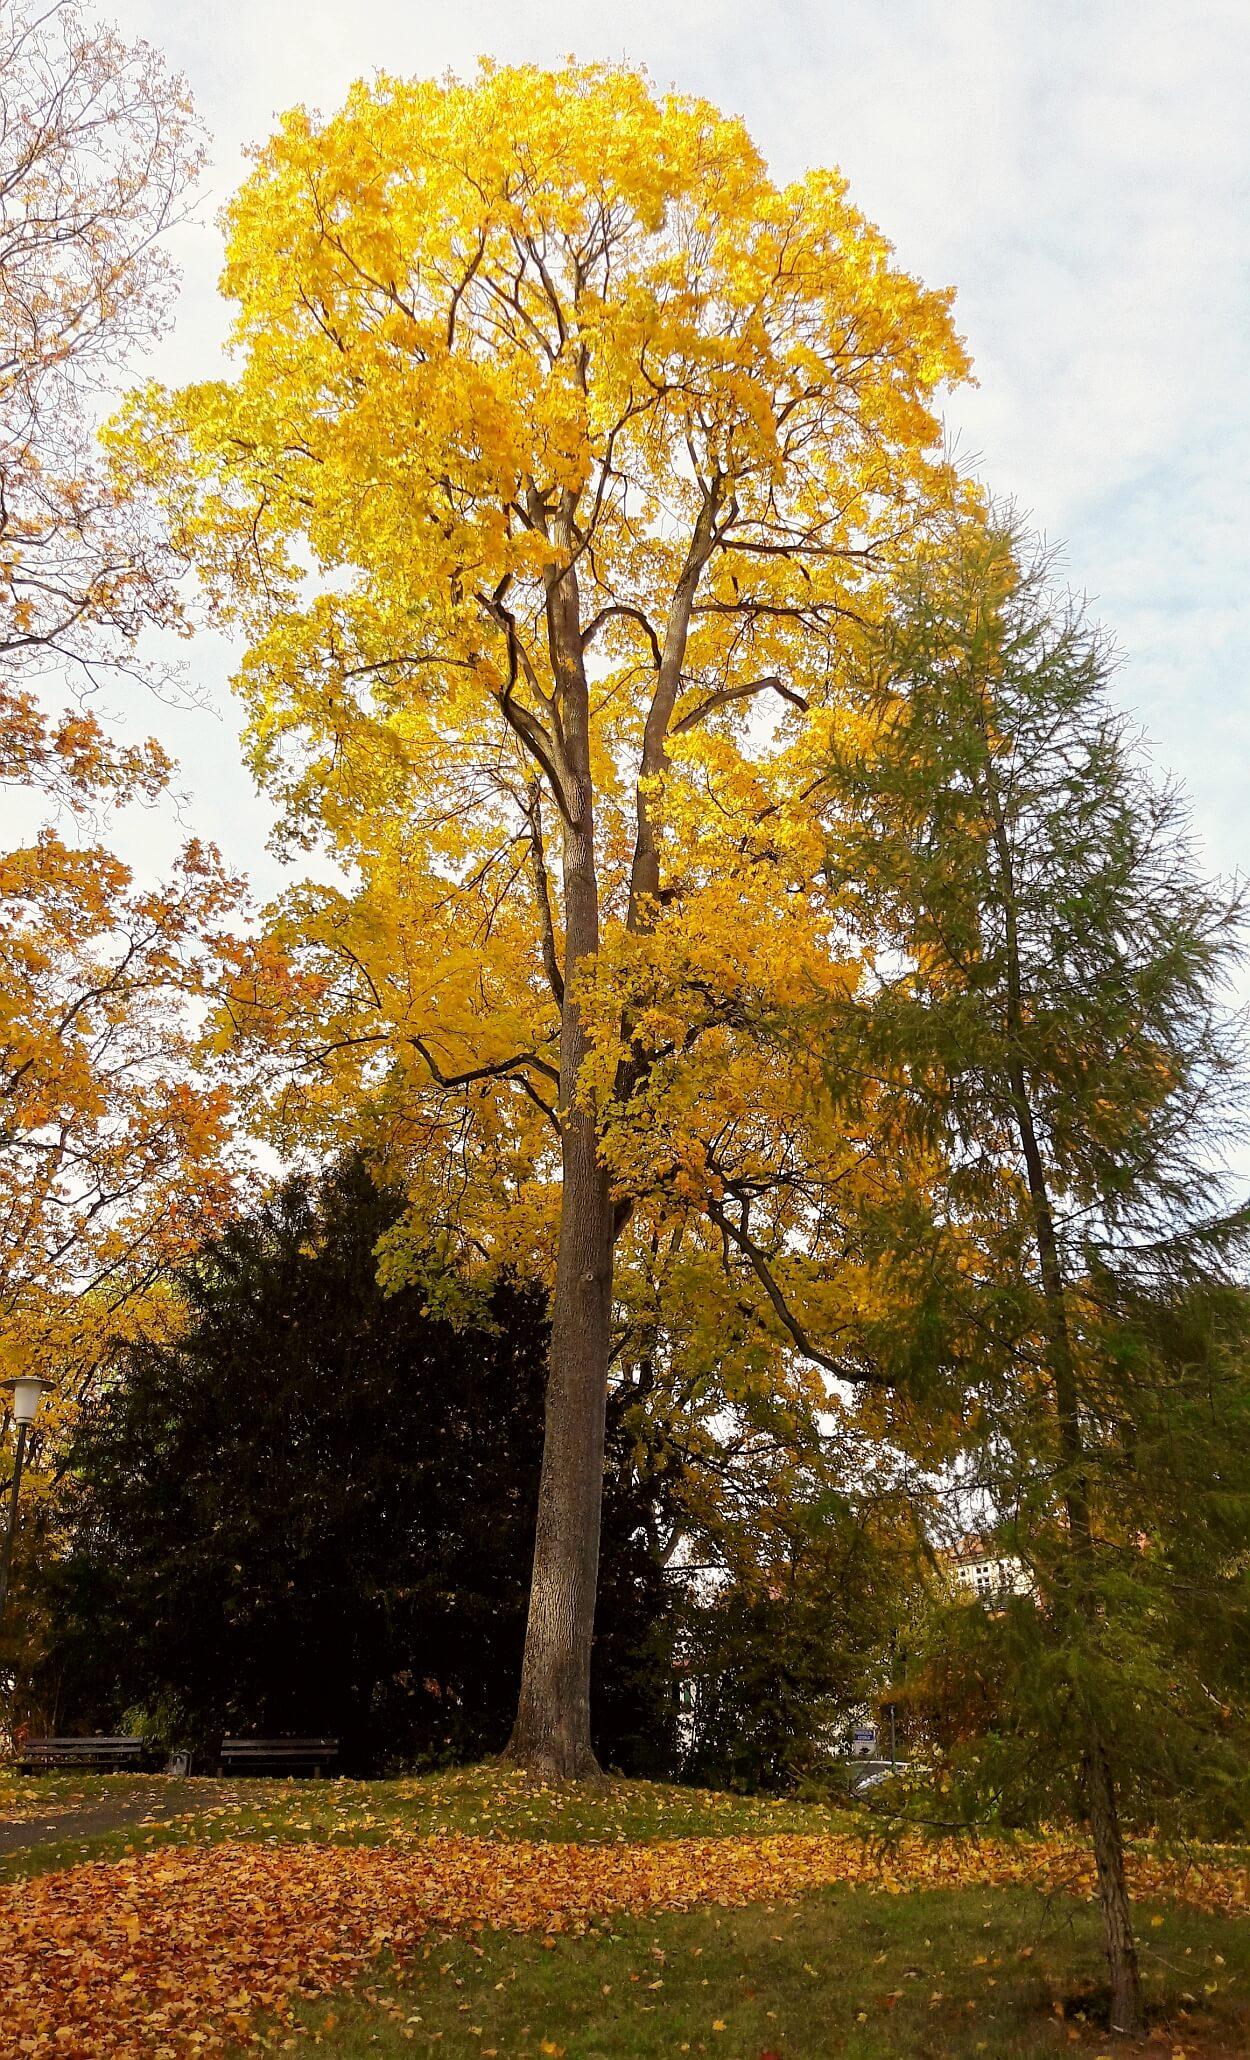 Baum mit gelben Blättern goldener Herbst